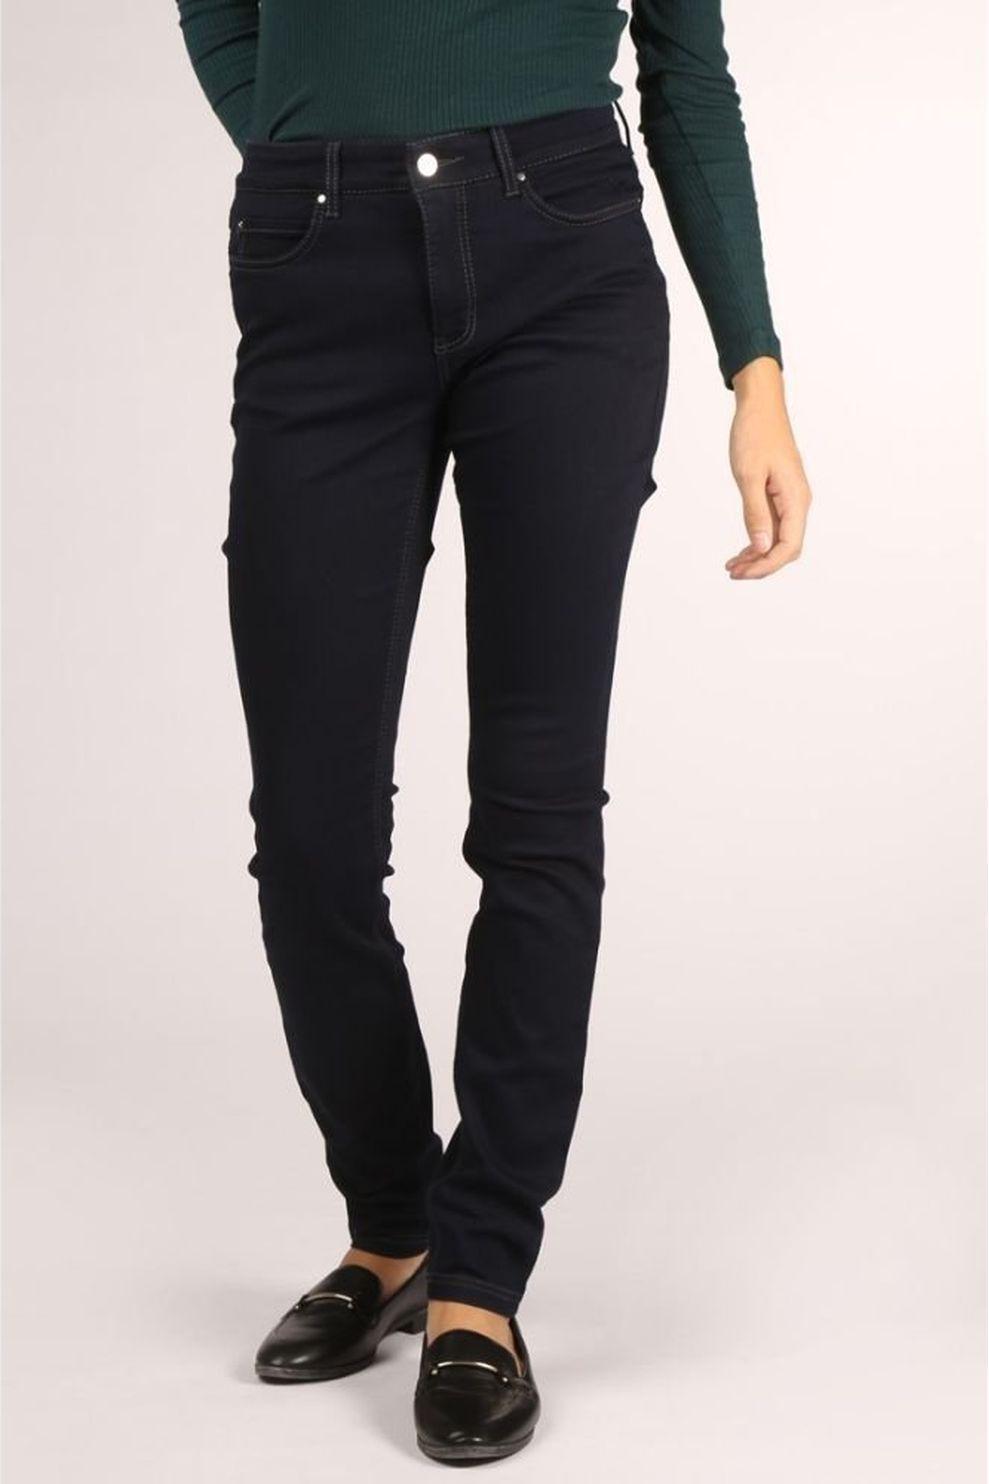 MAC Jeans 0355L-5402-90 voor dames - Blauw - Maten: 32/32, 34/32, 36/32, 36/34, 38/32, 38/34, 40/32,